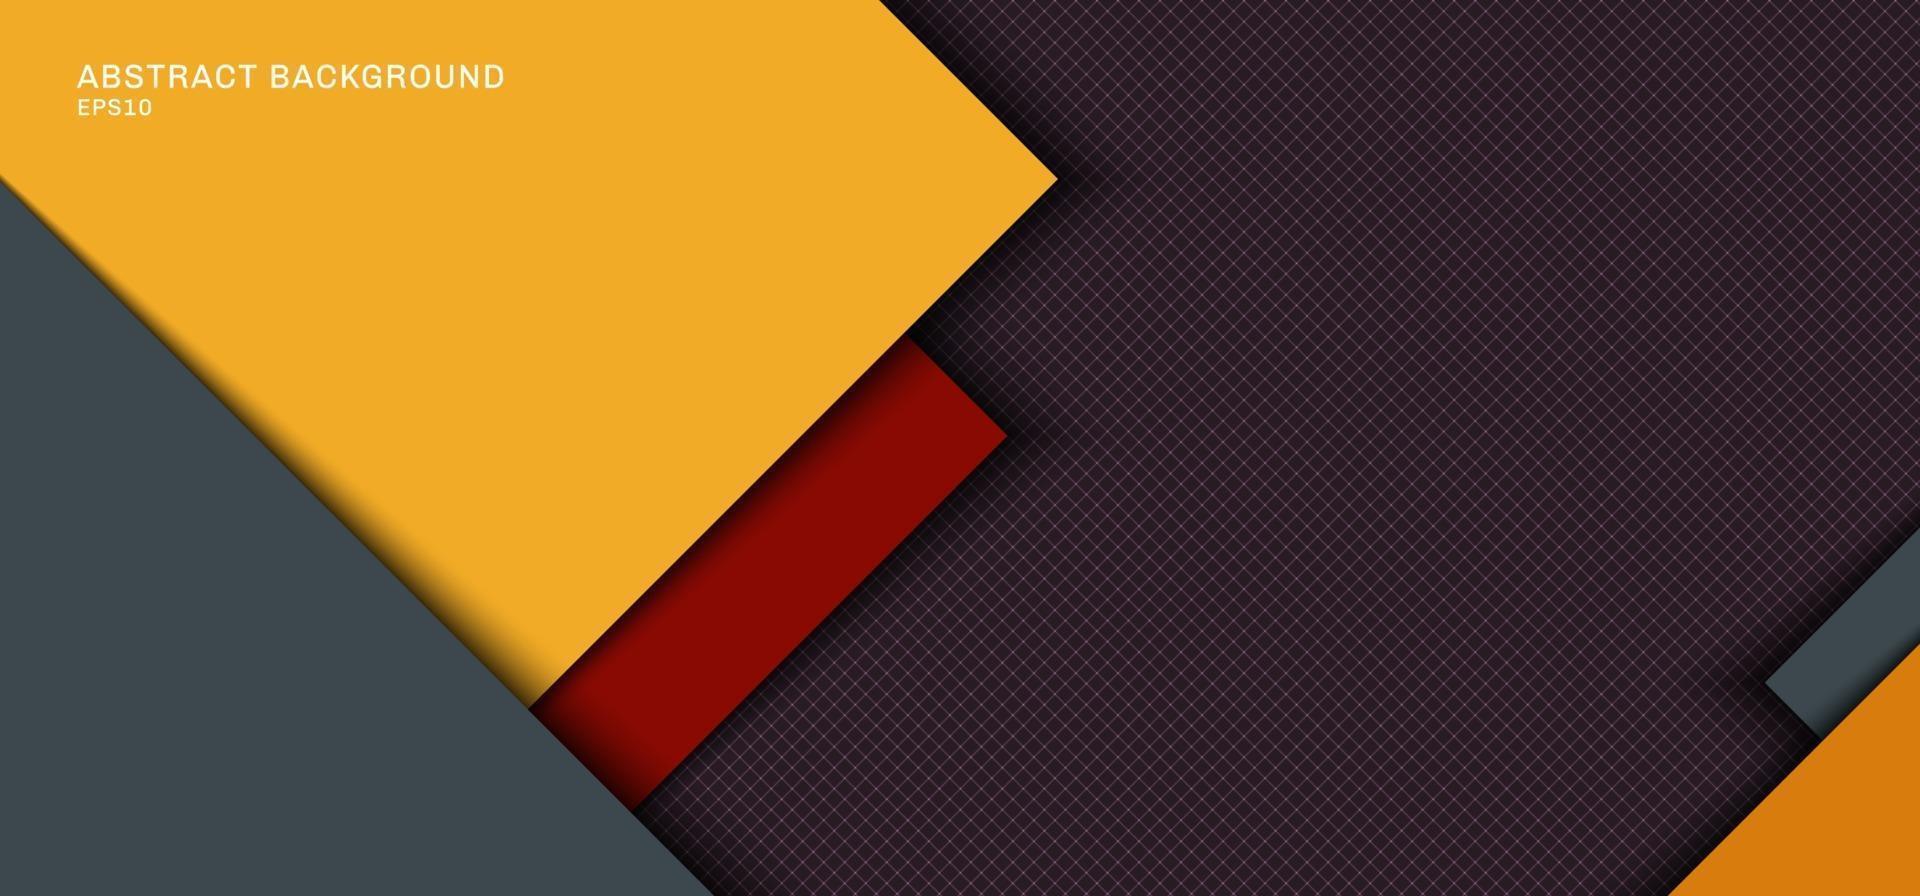 banner websjabloonontwerp gele, grijze vierkante overlappende laag met rode strepen met schaduw op rasterachtergrond. vector